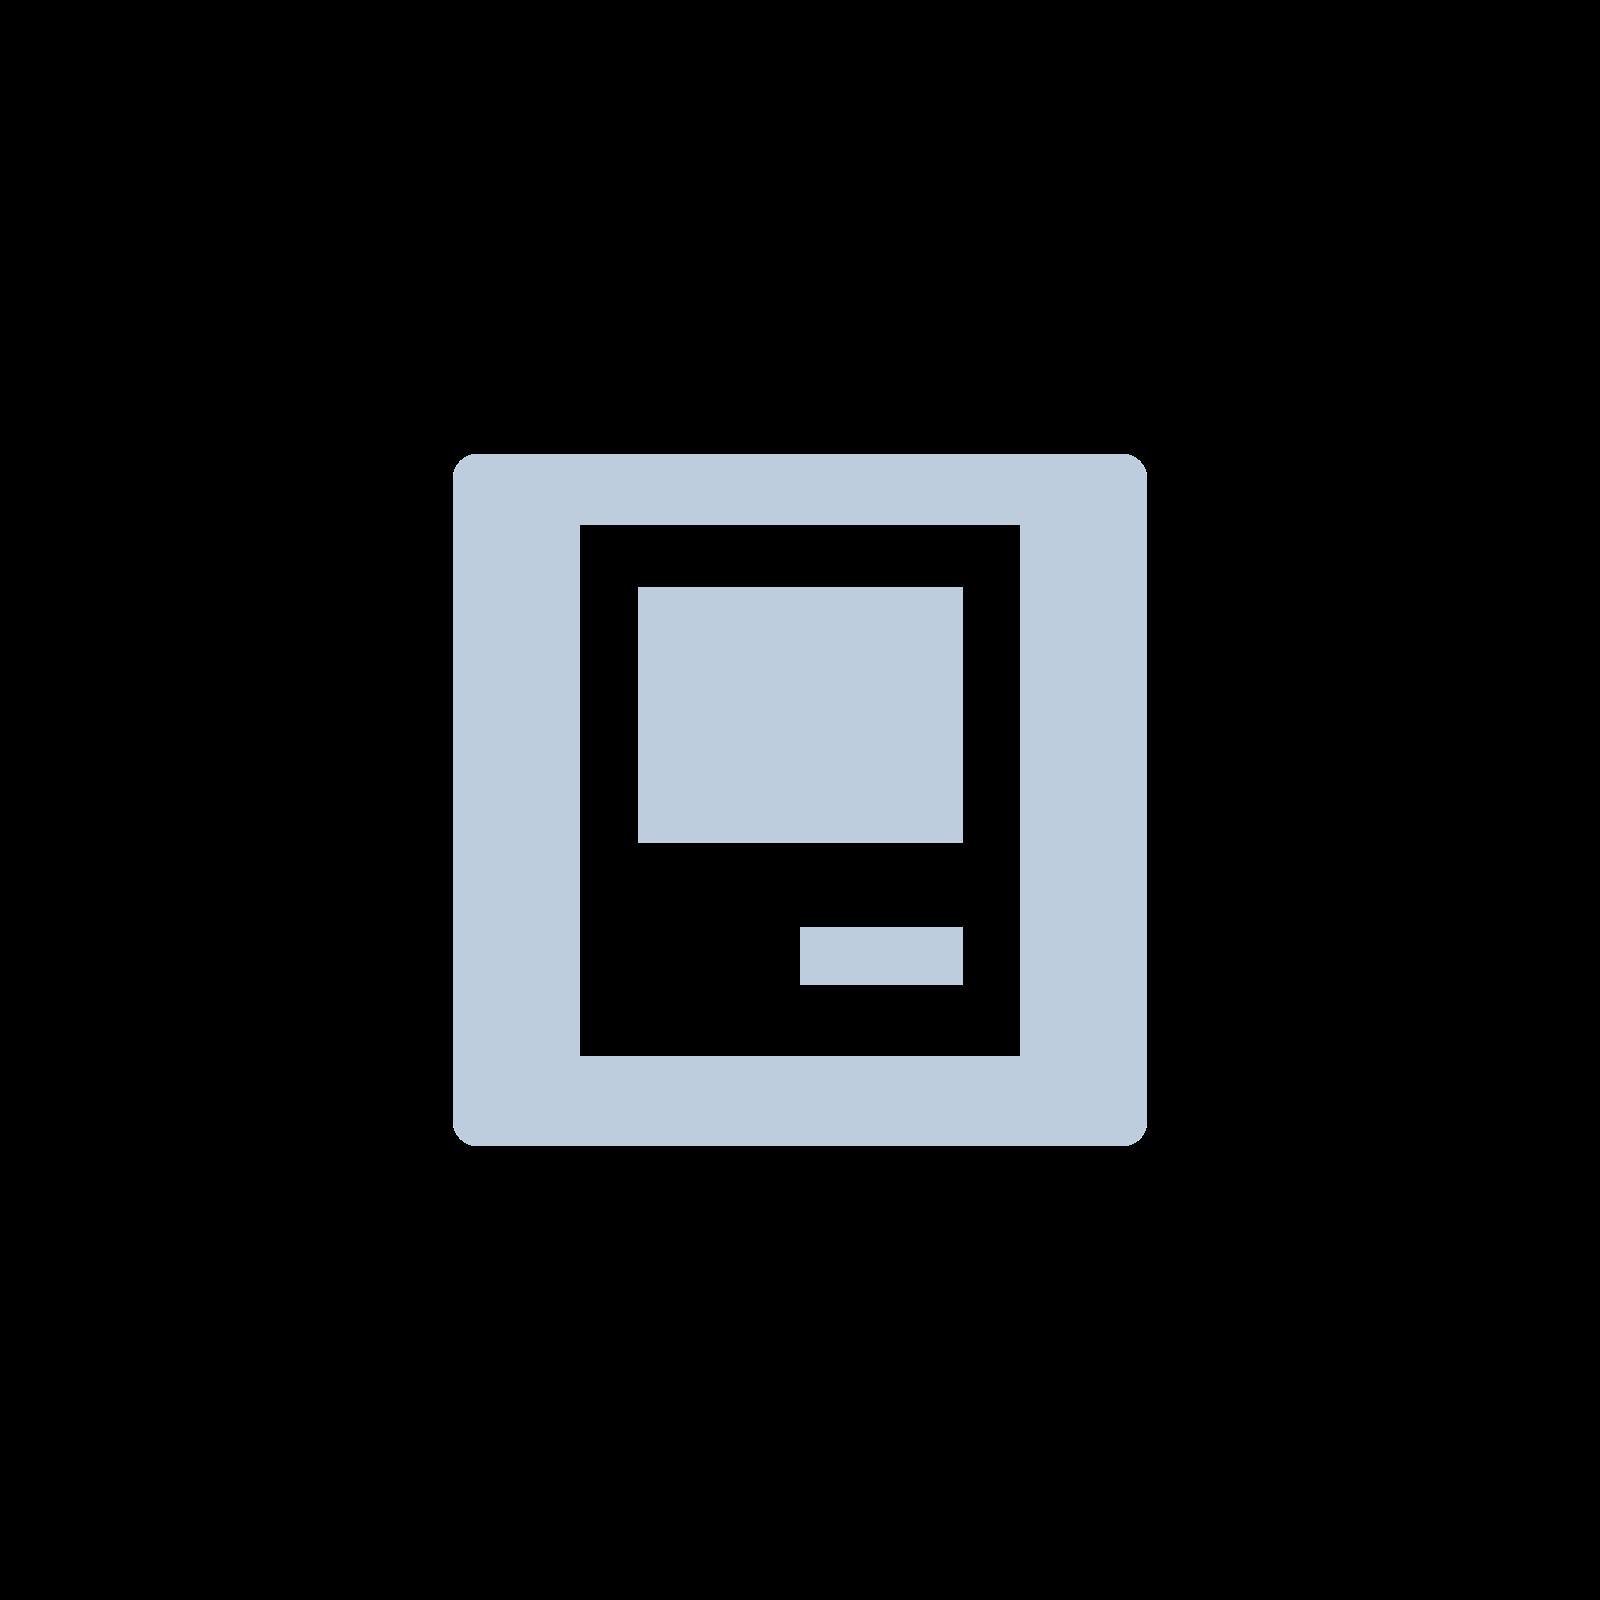 Schutzfolie (2 Stk.) Panzerglas Premium Stärke 9H für iPhone 7 / 8 / SE 2